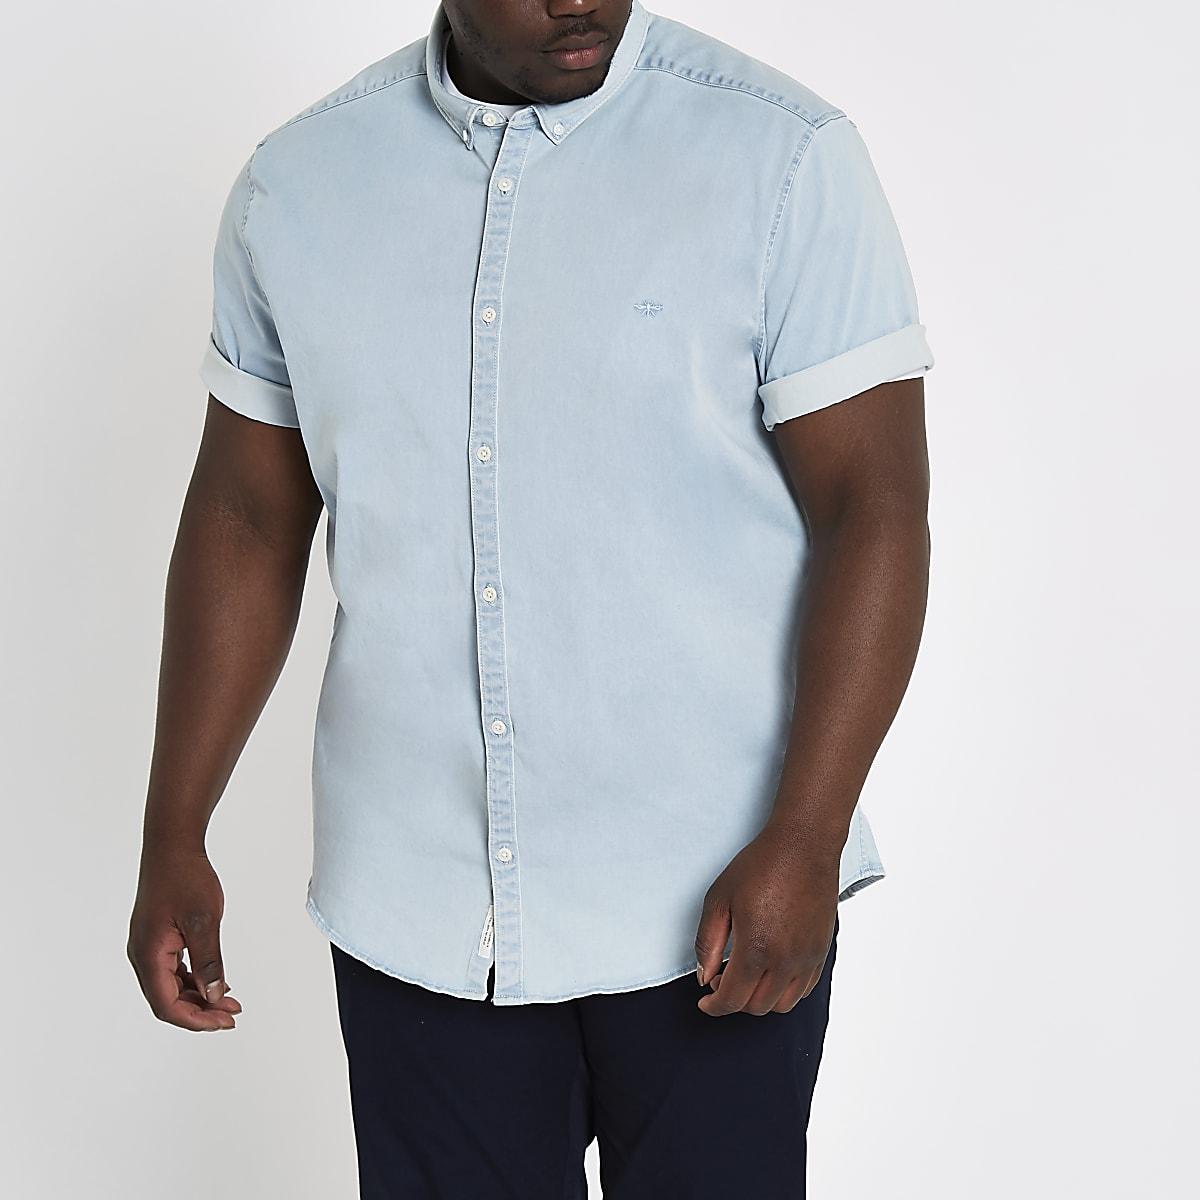 7c053eb358 Big and Tall light blue denim shirt - Short Sleeve Shirts - Shirts - men